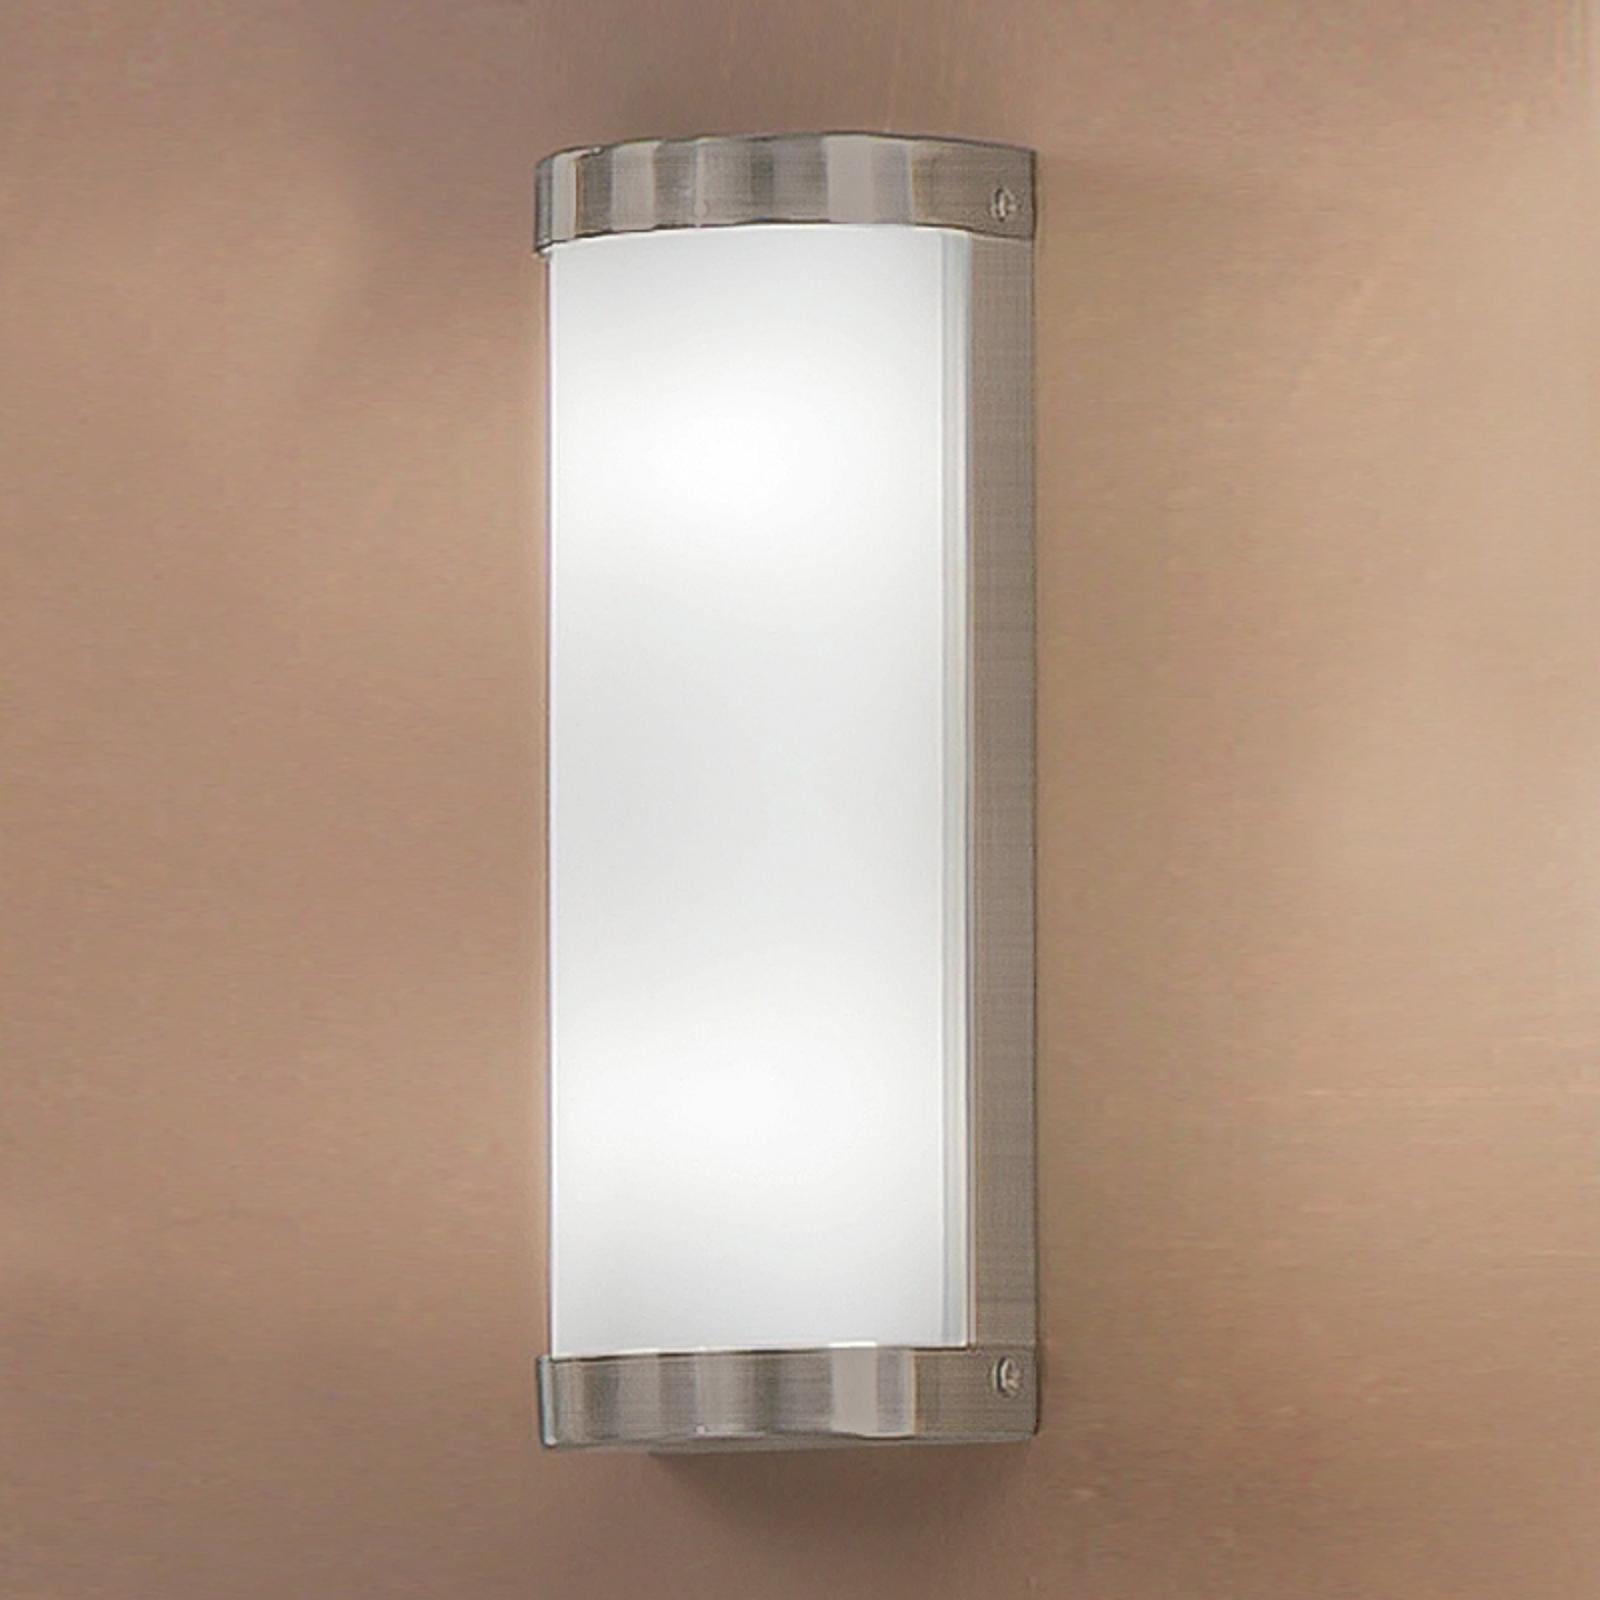 Kylpyhuonevalaisin VETI - 25,5 cm, nikkeli